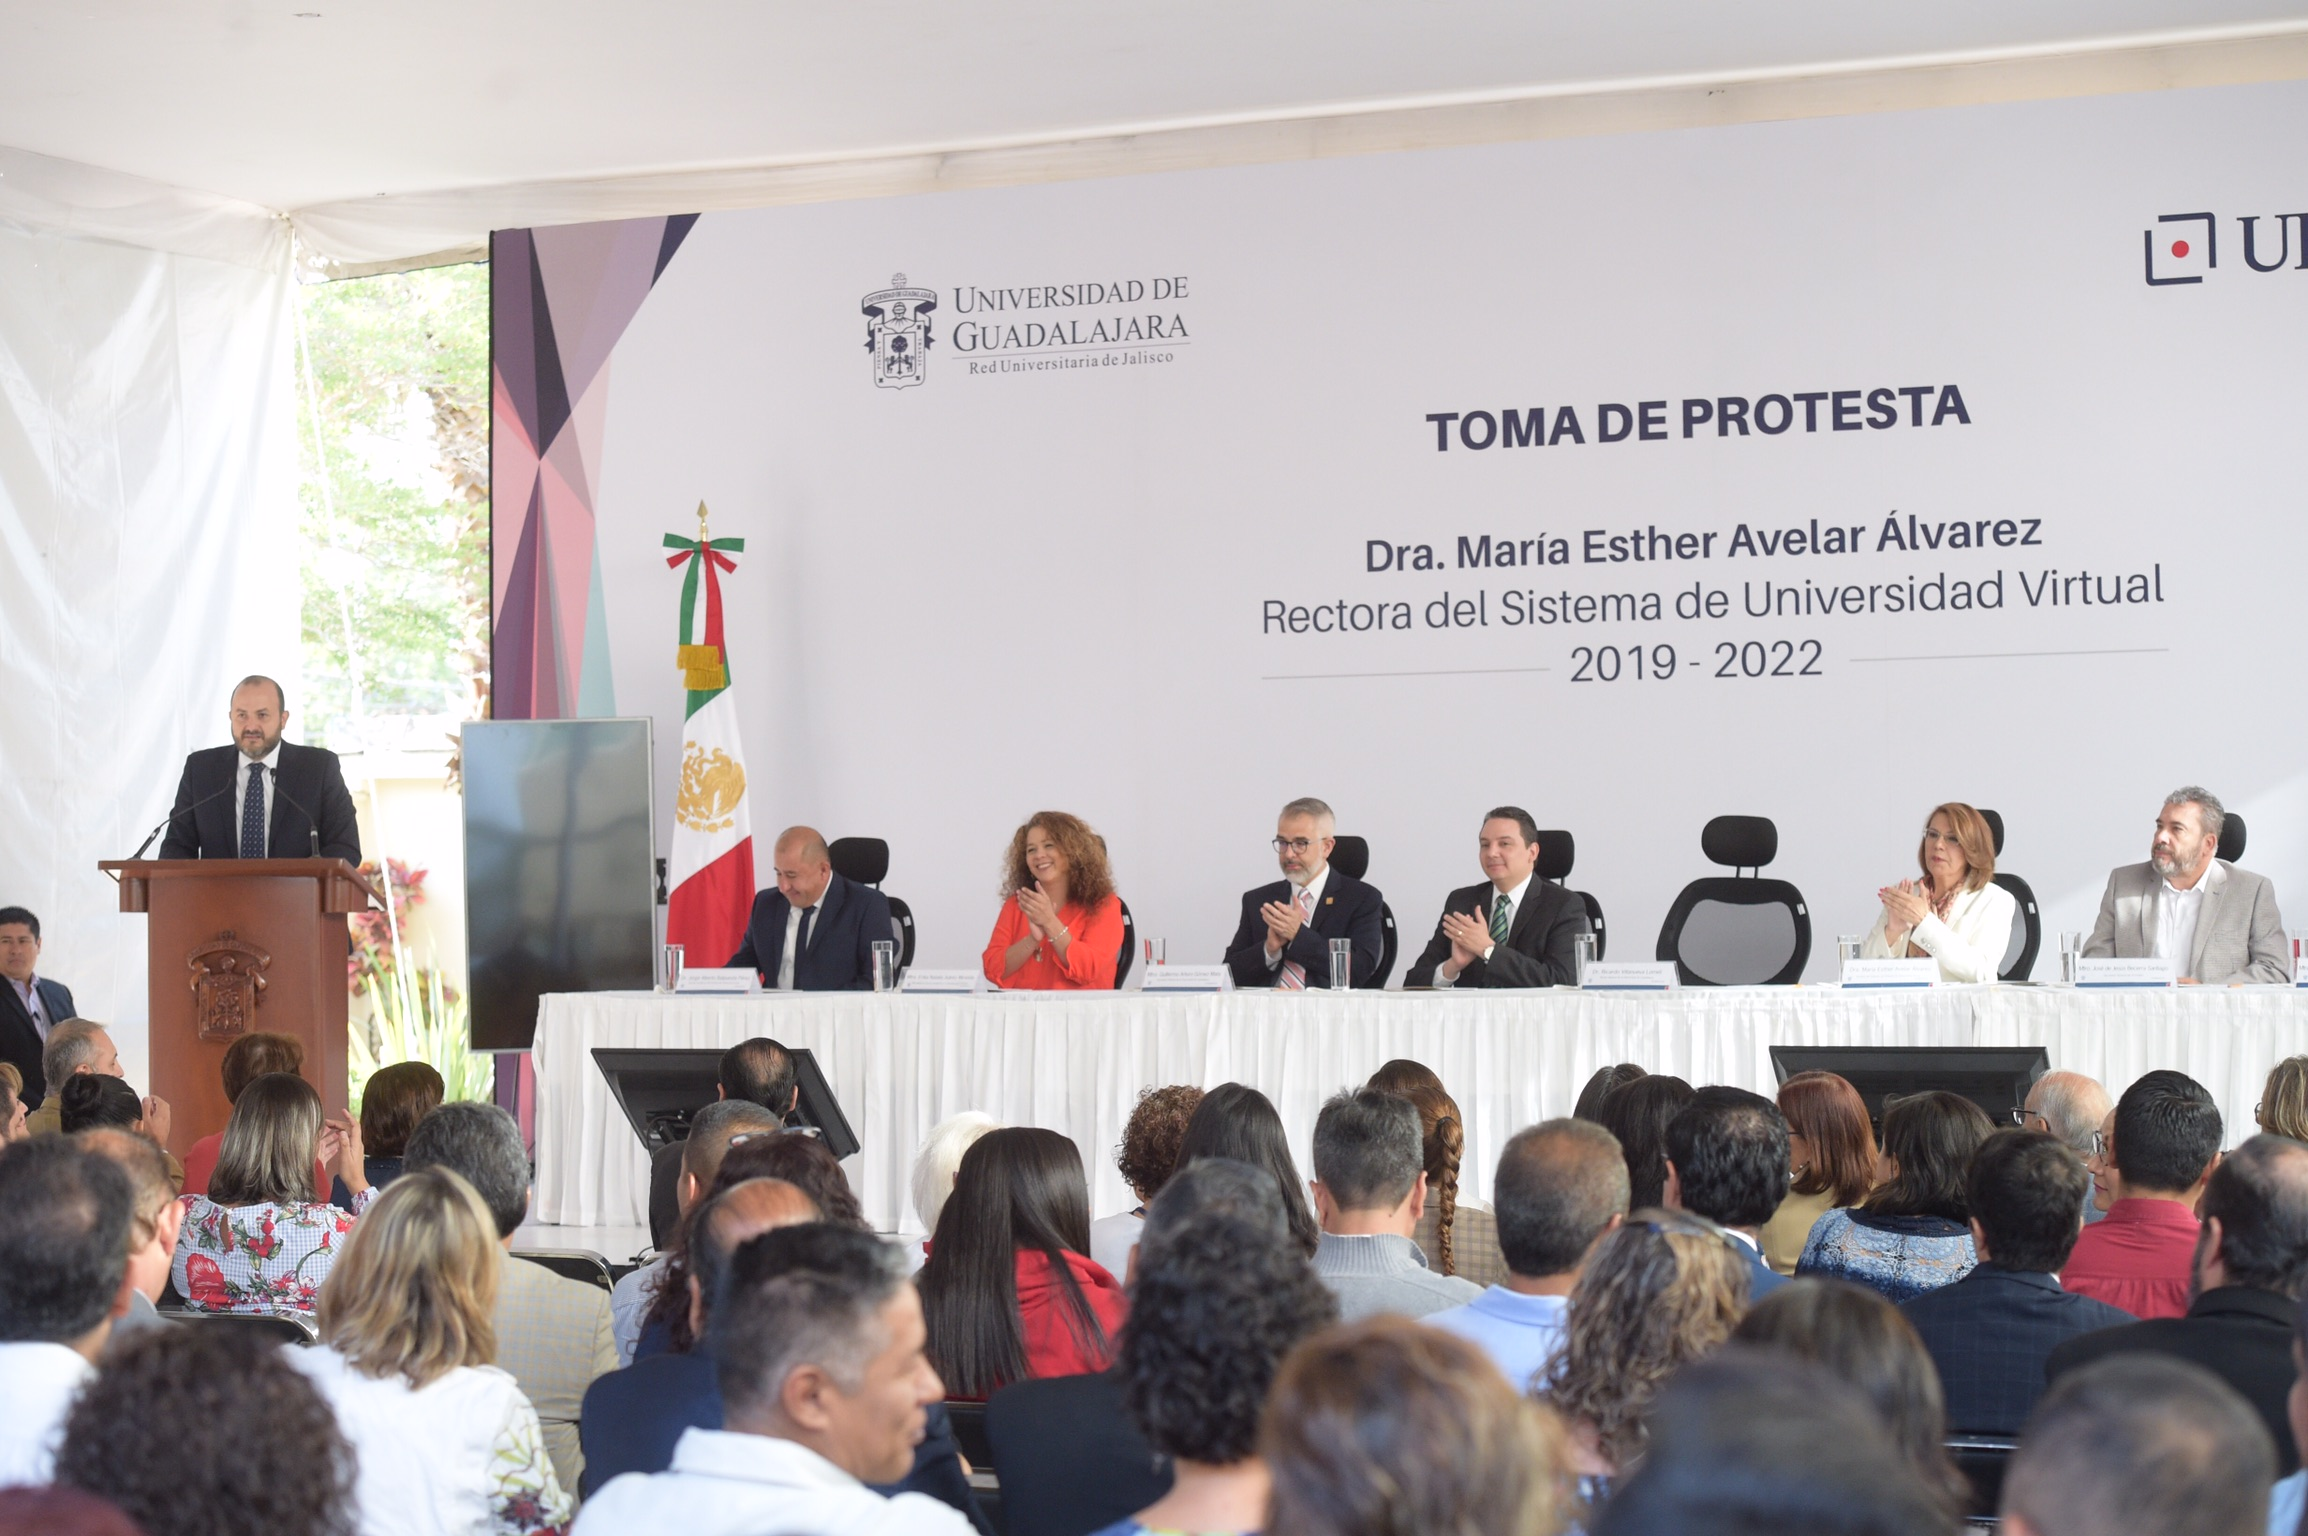 Rector General de la Universidad de Guadalajara (UdeG), doctor Ricardo Villanueva Lomelí, participando en la ceremonia